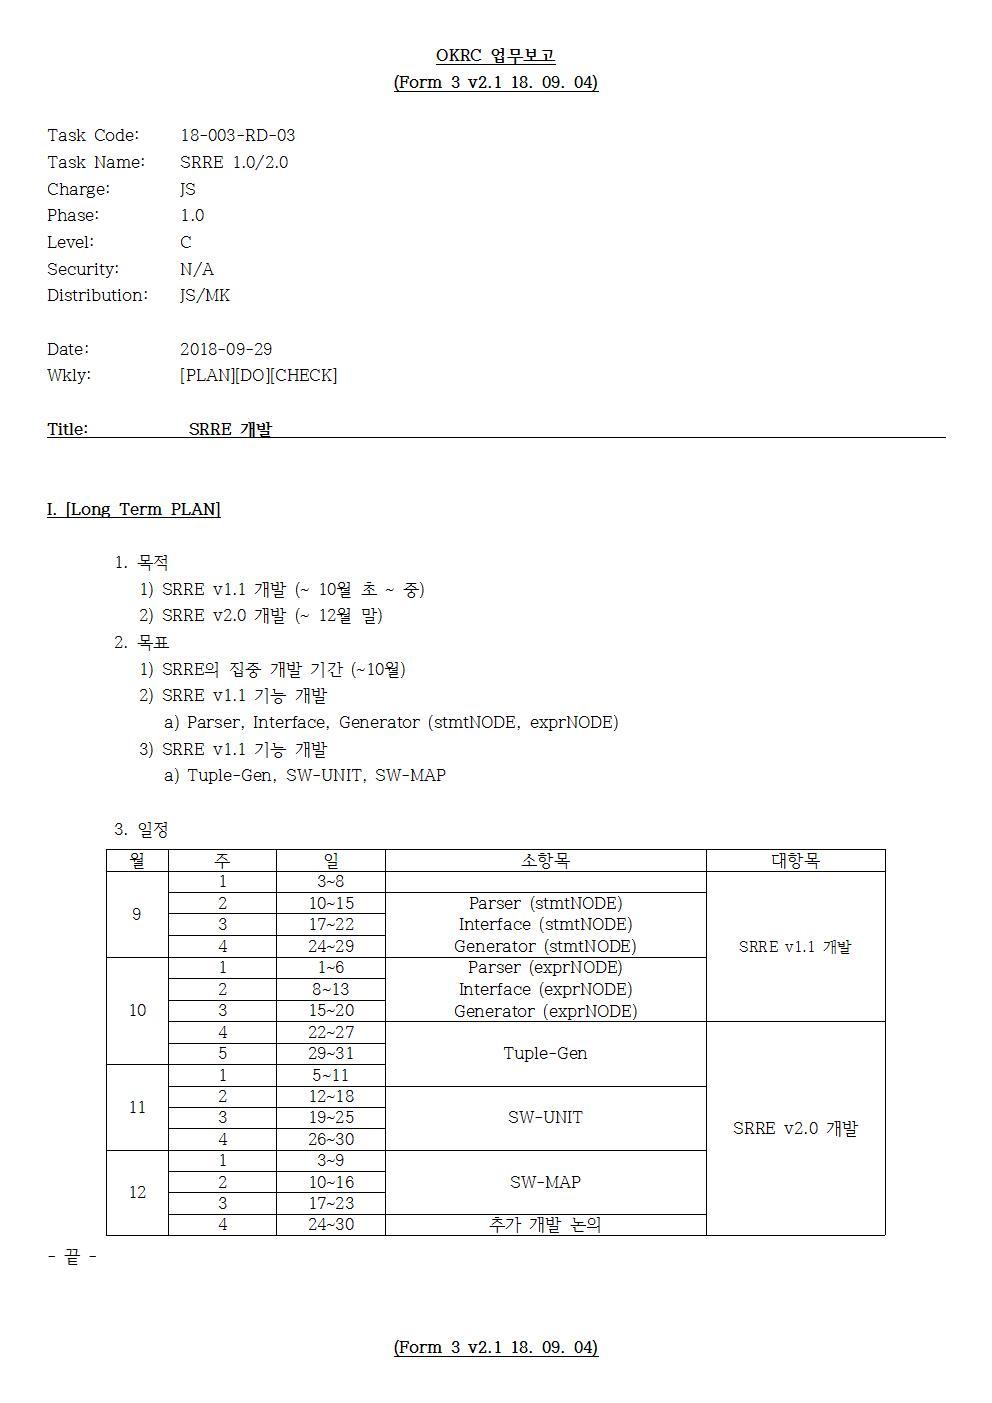 D-[18-003-RD-03]-[SRRE]-[2018-09-29][JS]001.jpg